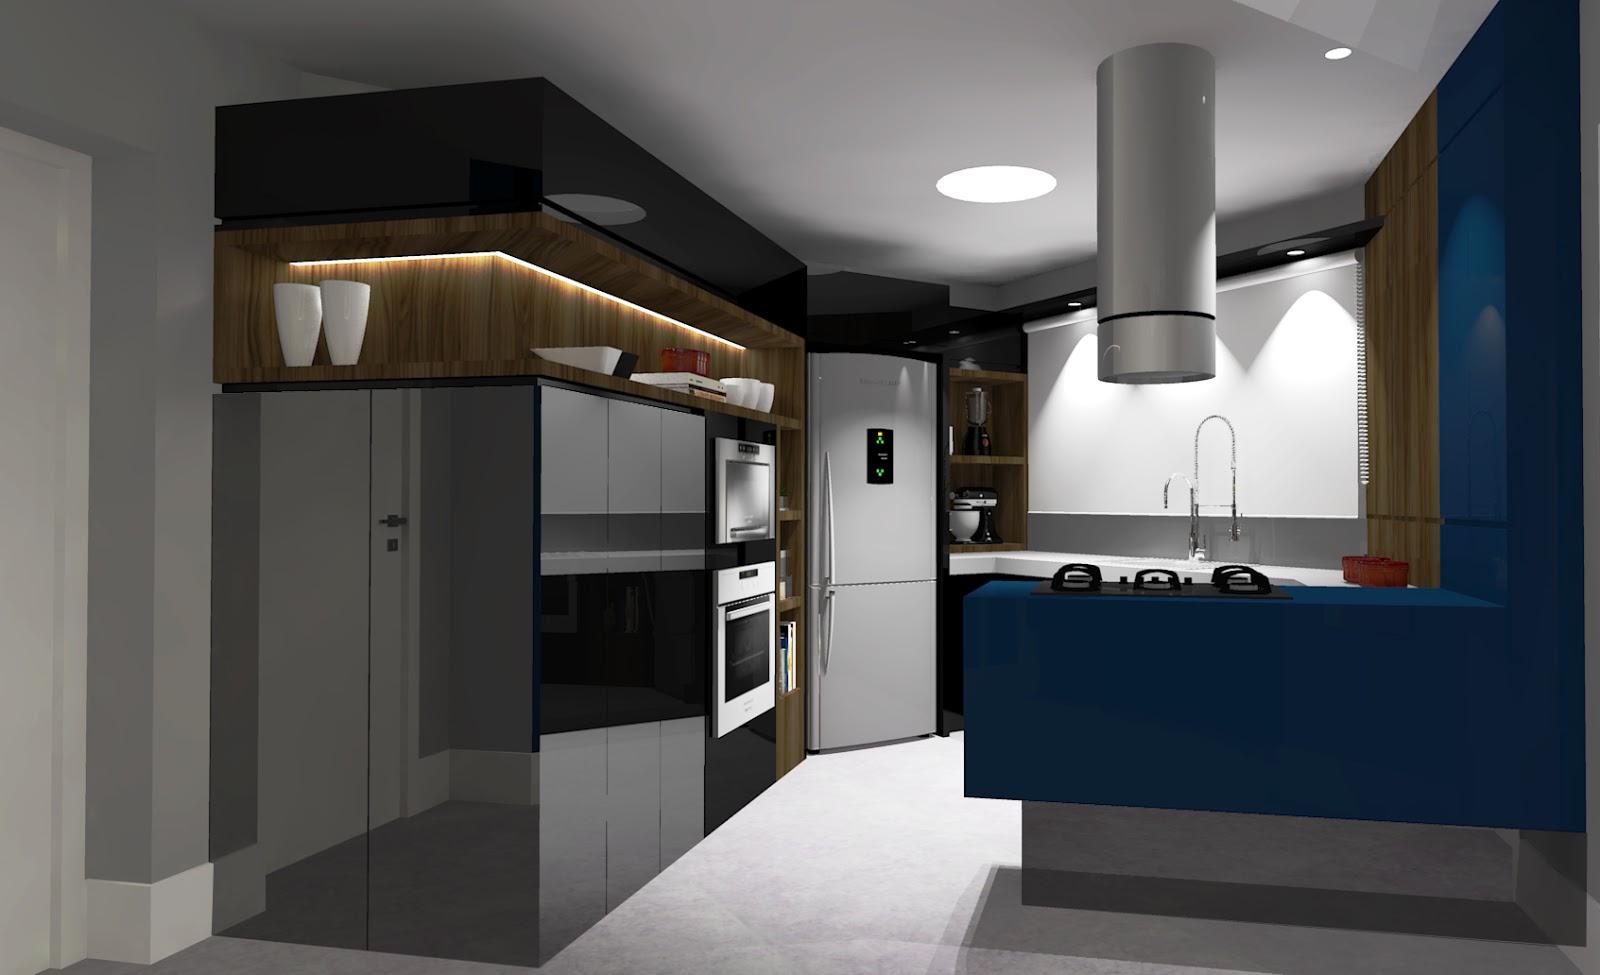 Ilto Gerber: Projeto Interior Cozinha Gourmet #1A4059 1600 975